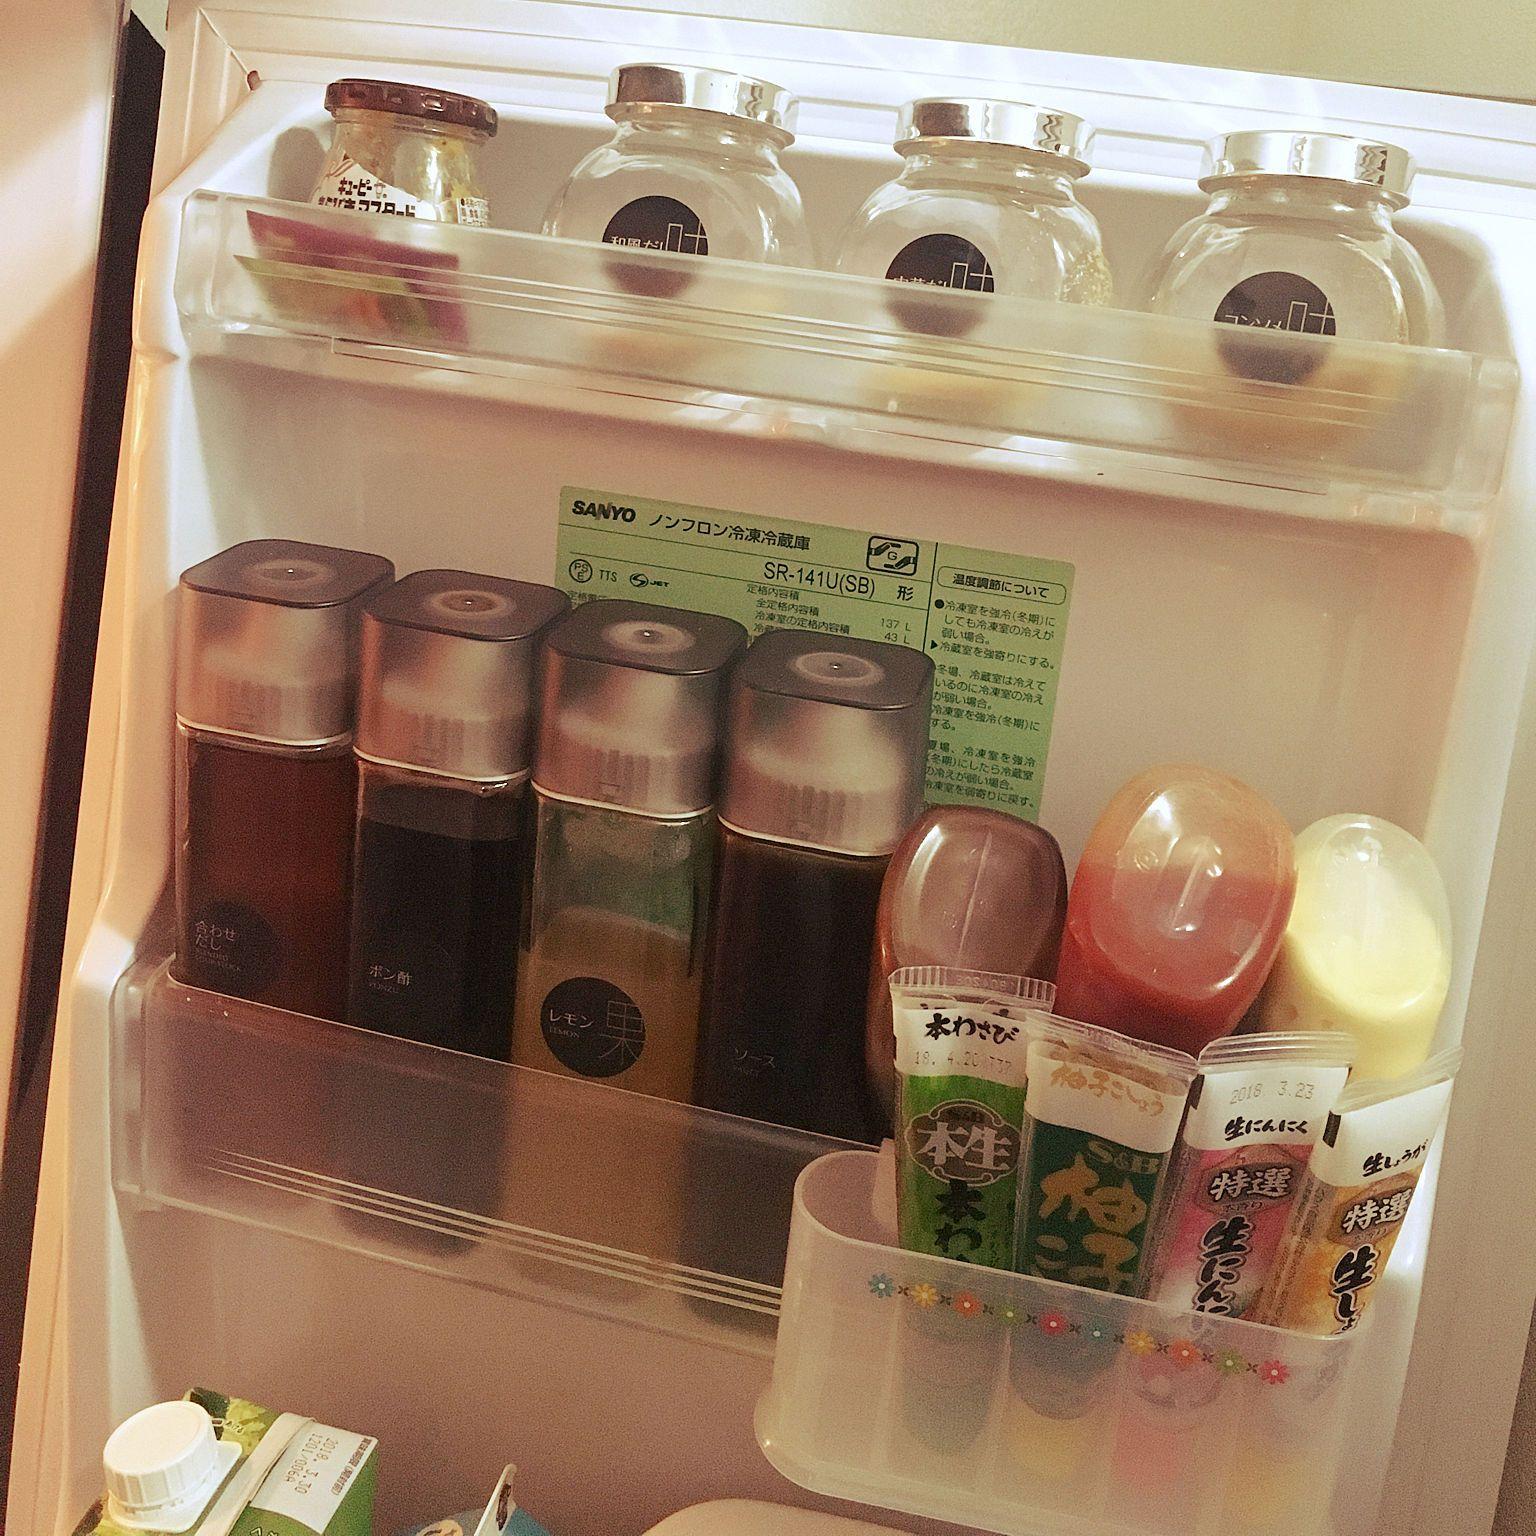 キッチン 調味料収納 調味料 冷蔵庫 冷蔵庫の中 などのインテリア